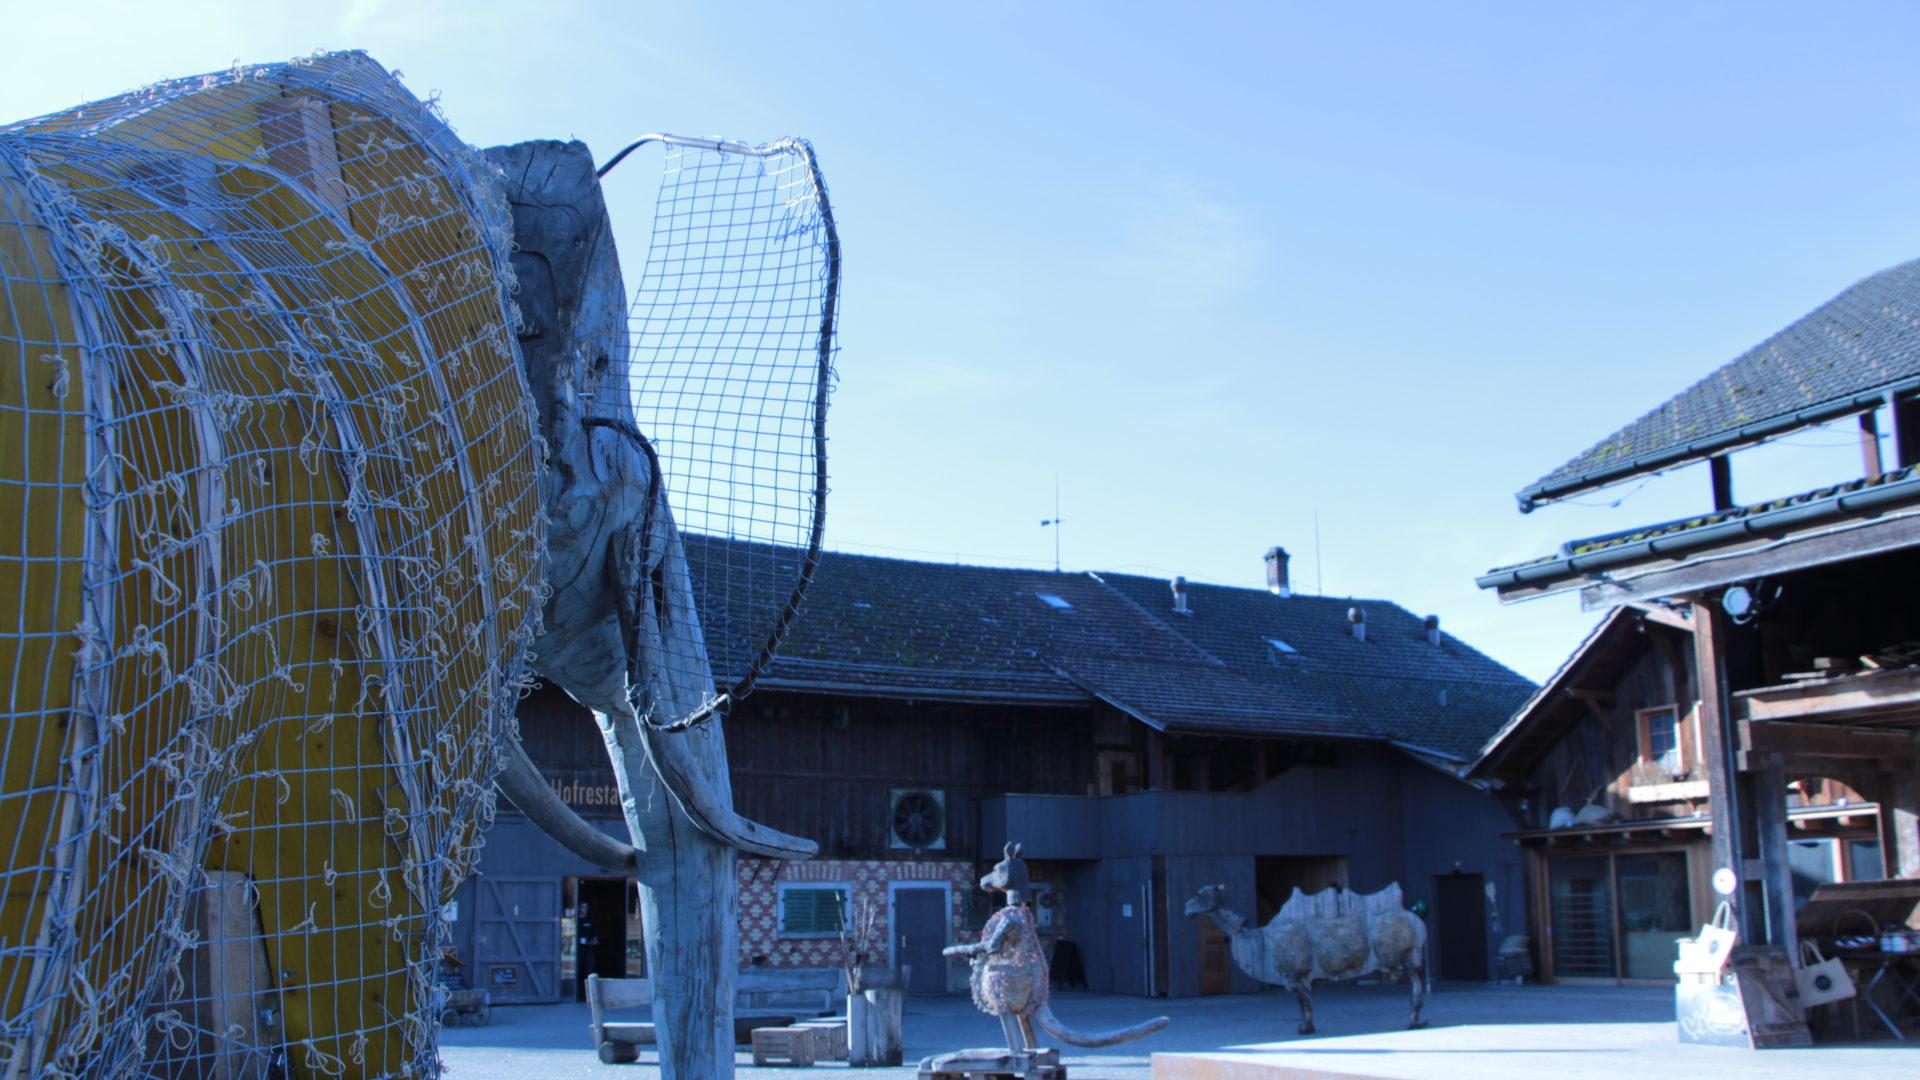 Elefantenfigur Juckerhof